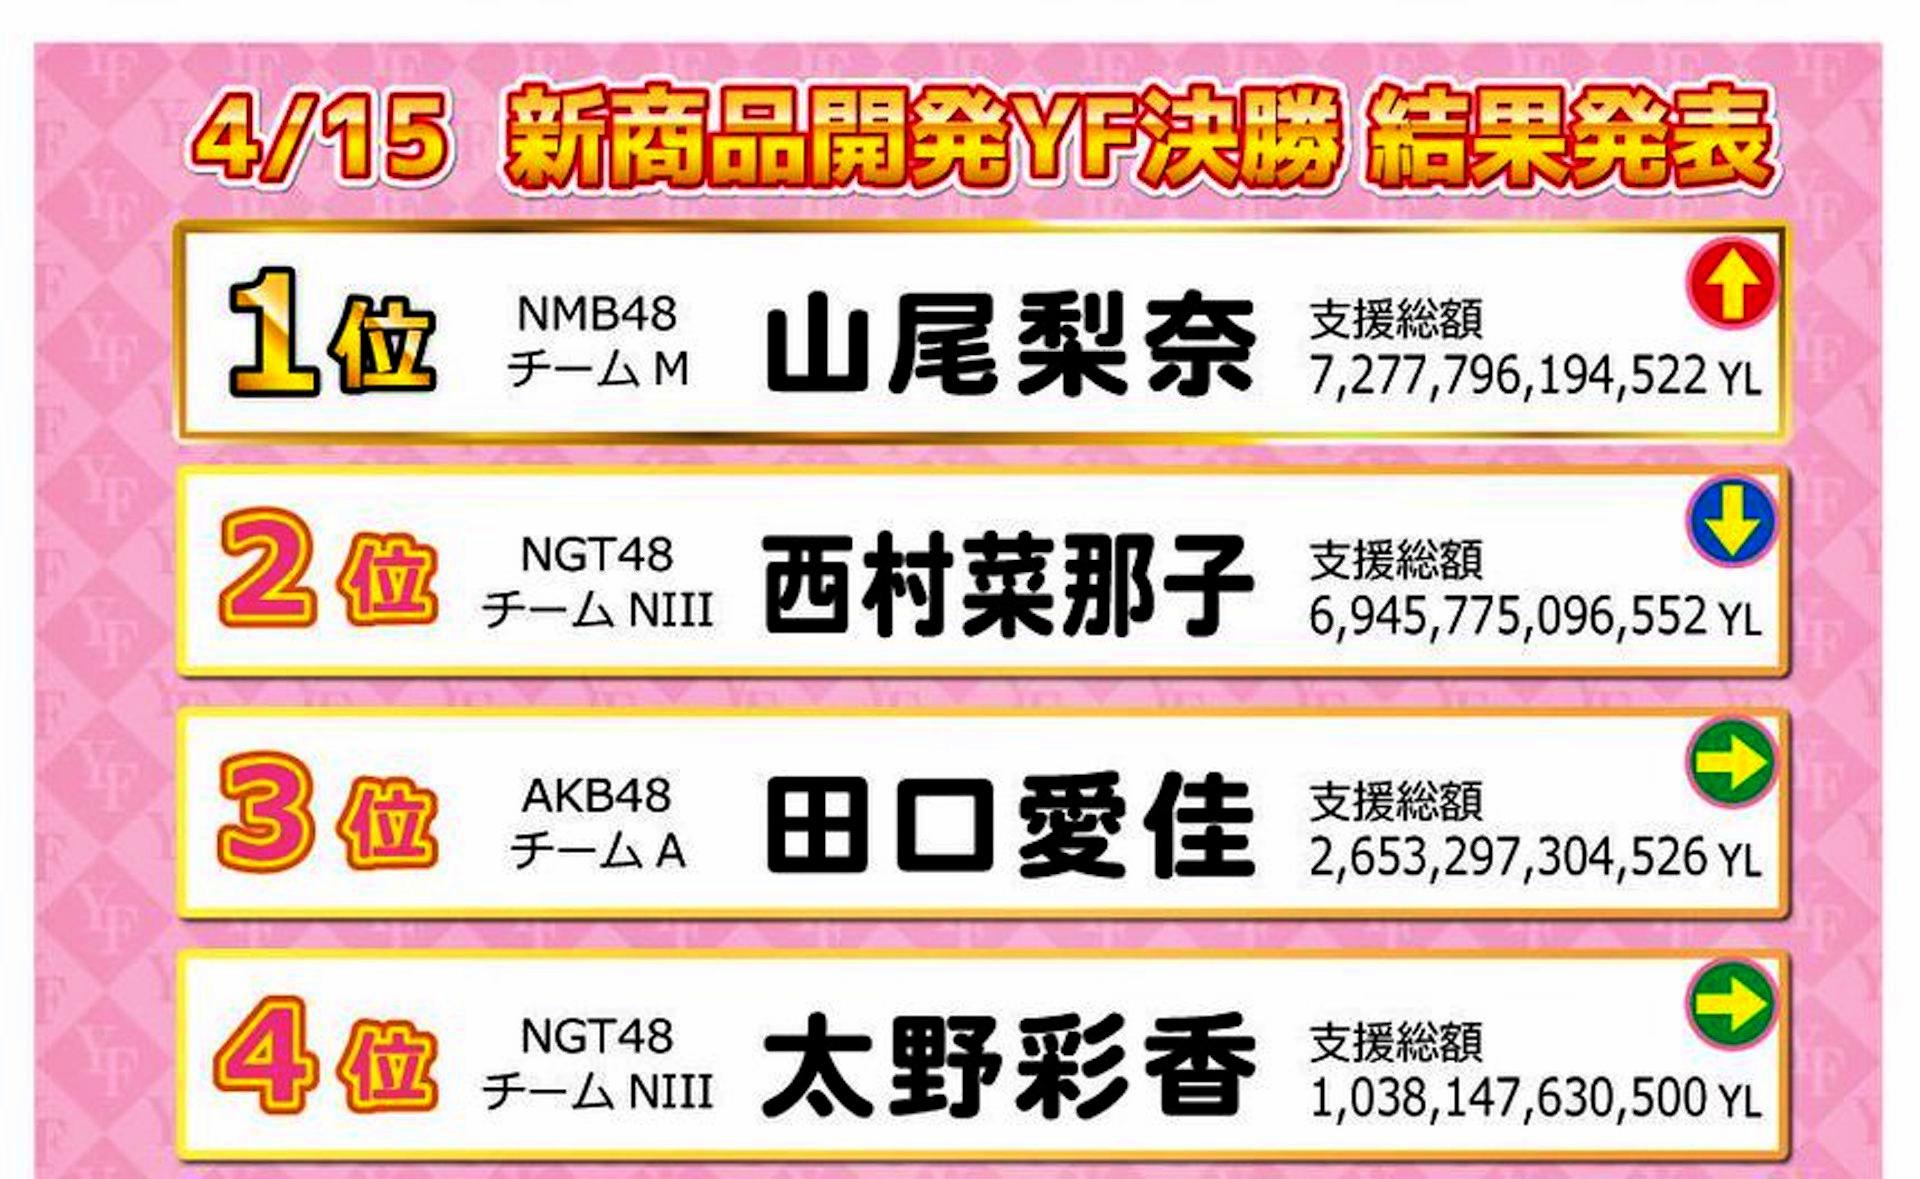 【山尾梨奈】AiKaBu「新商品開発YF決勝」でやまりな1位!ARUPAKA🦙🦙🦙